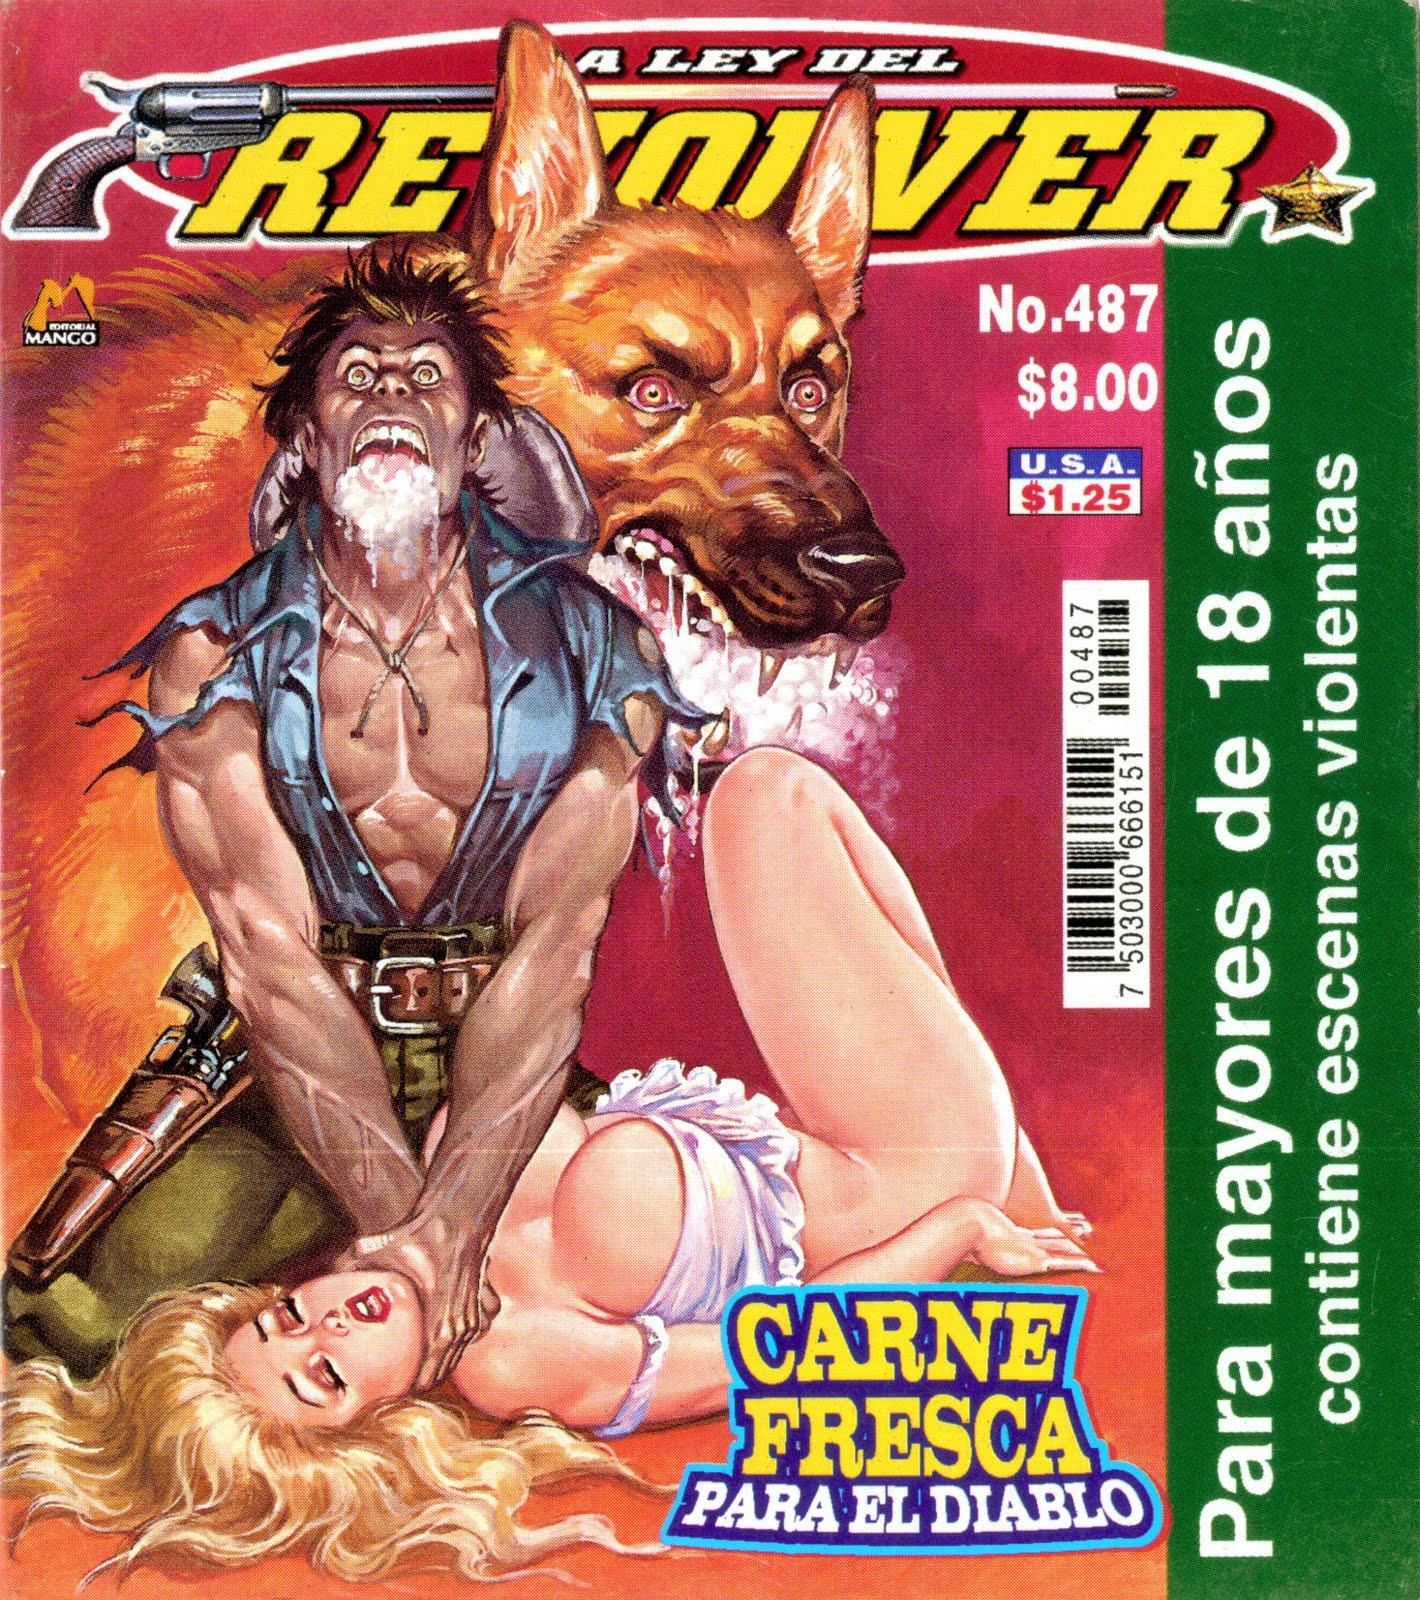 la_ley_del_revolver_no487